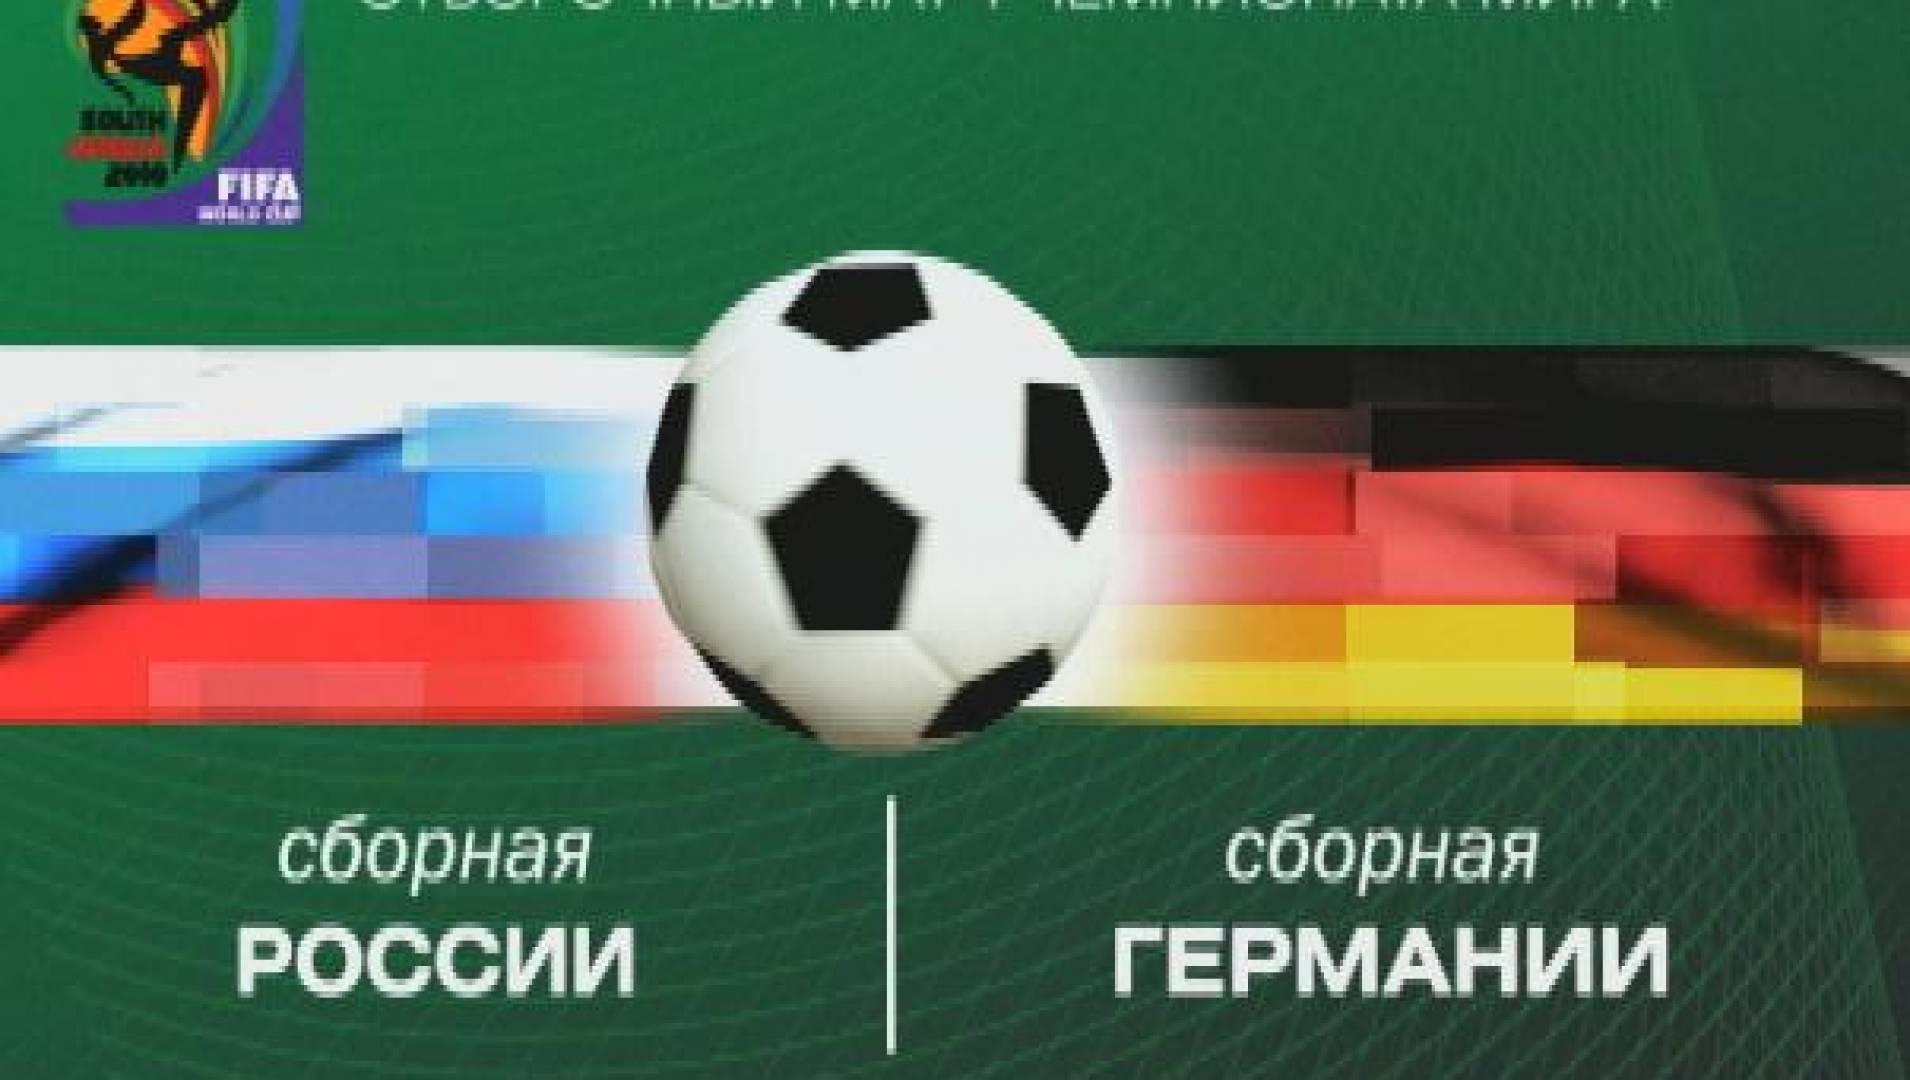 отборочный россия чемпионата мира футбол матч